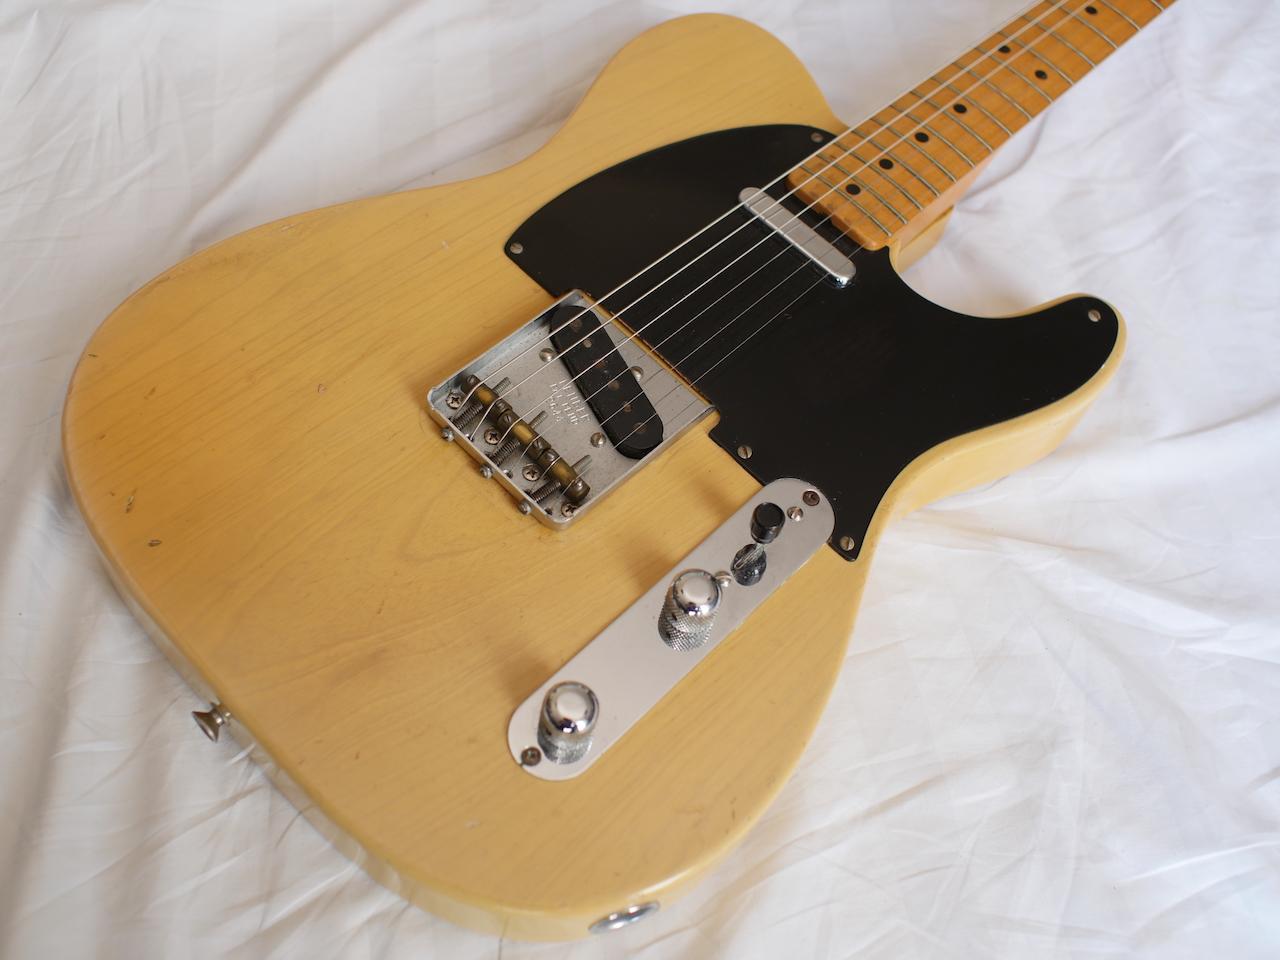 fender telecaster 1952 blonde guitar for sale atoyboy guitars. Black Bedroom Furniture Sets. Home Design Ideas